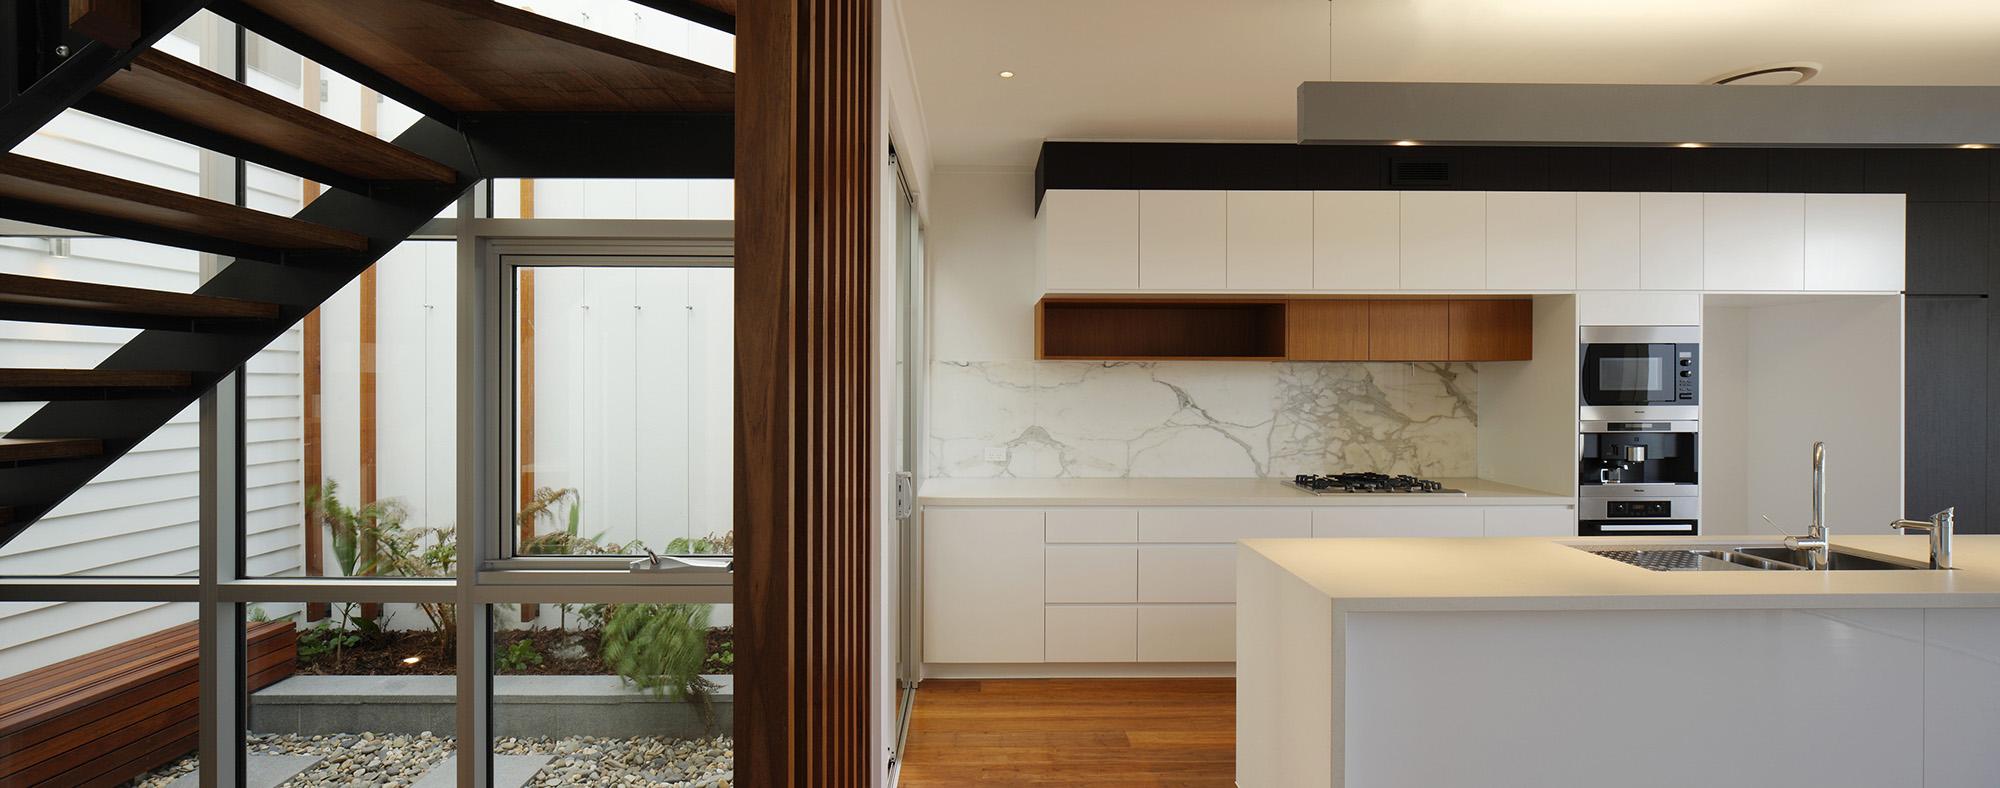 Interiors project in Hamilton, QLD